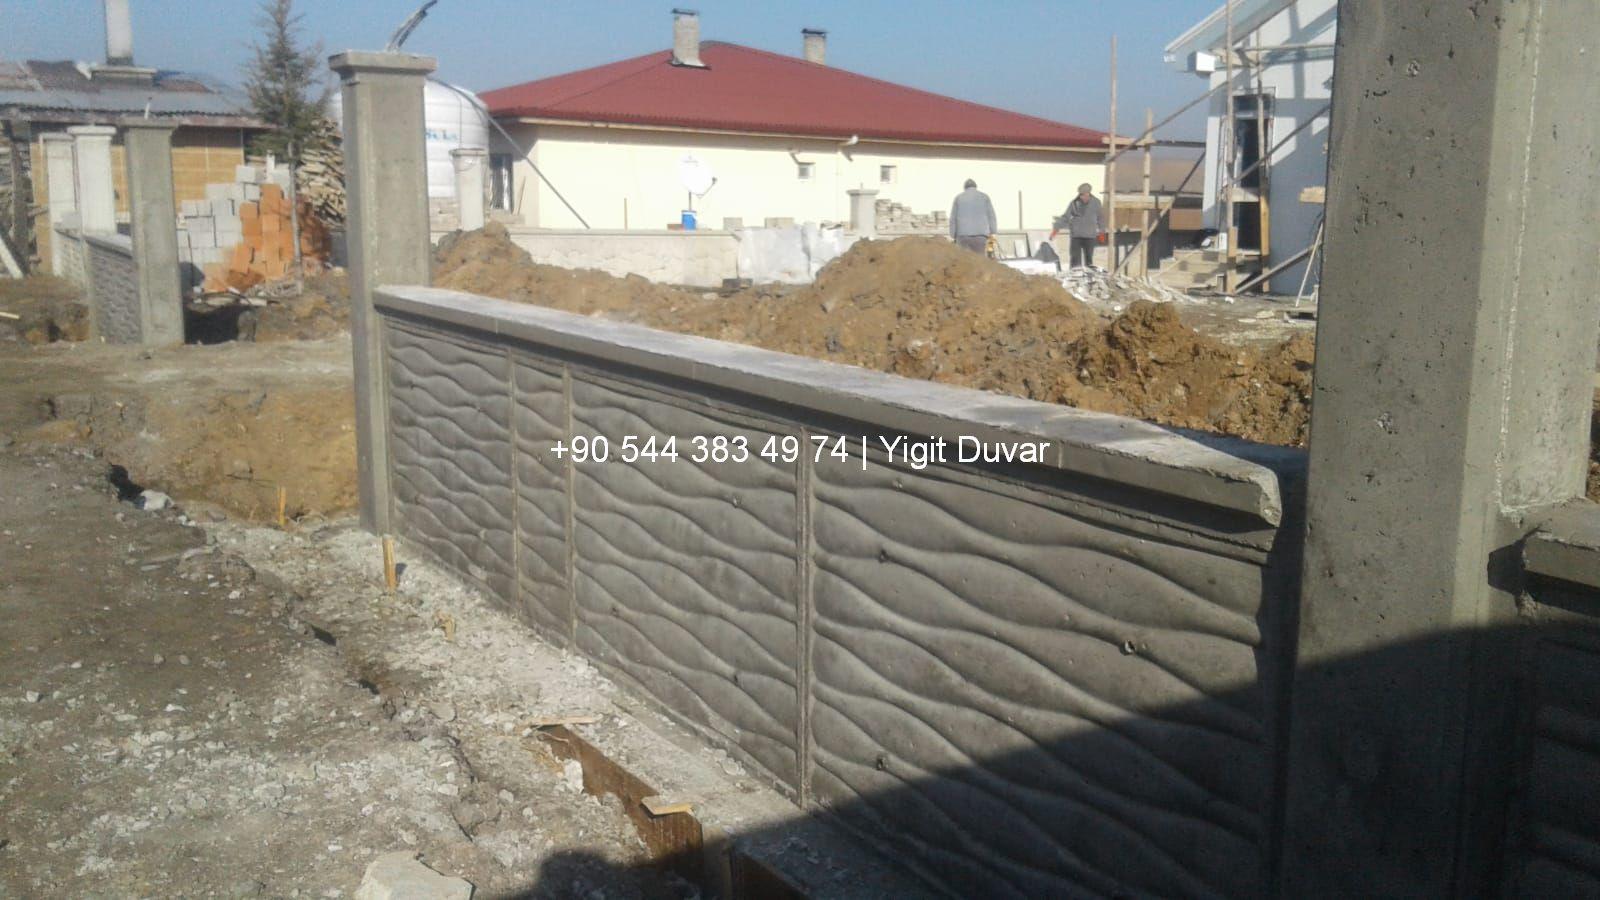 duvar-ustasi-yigit-duvar104